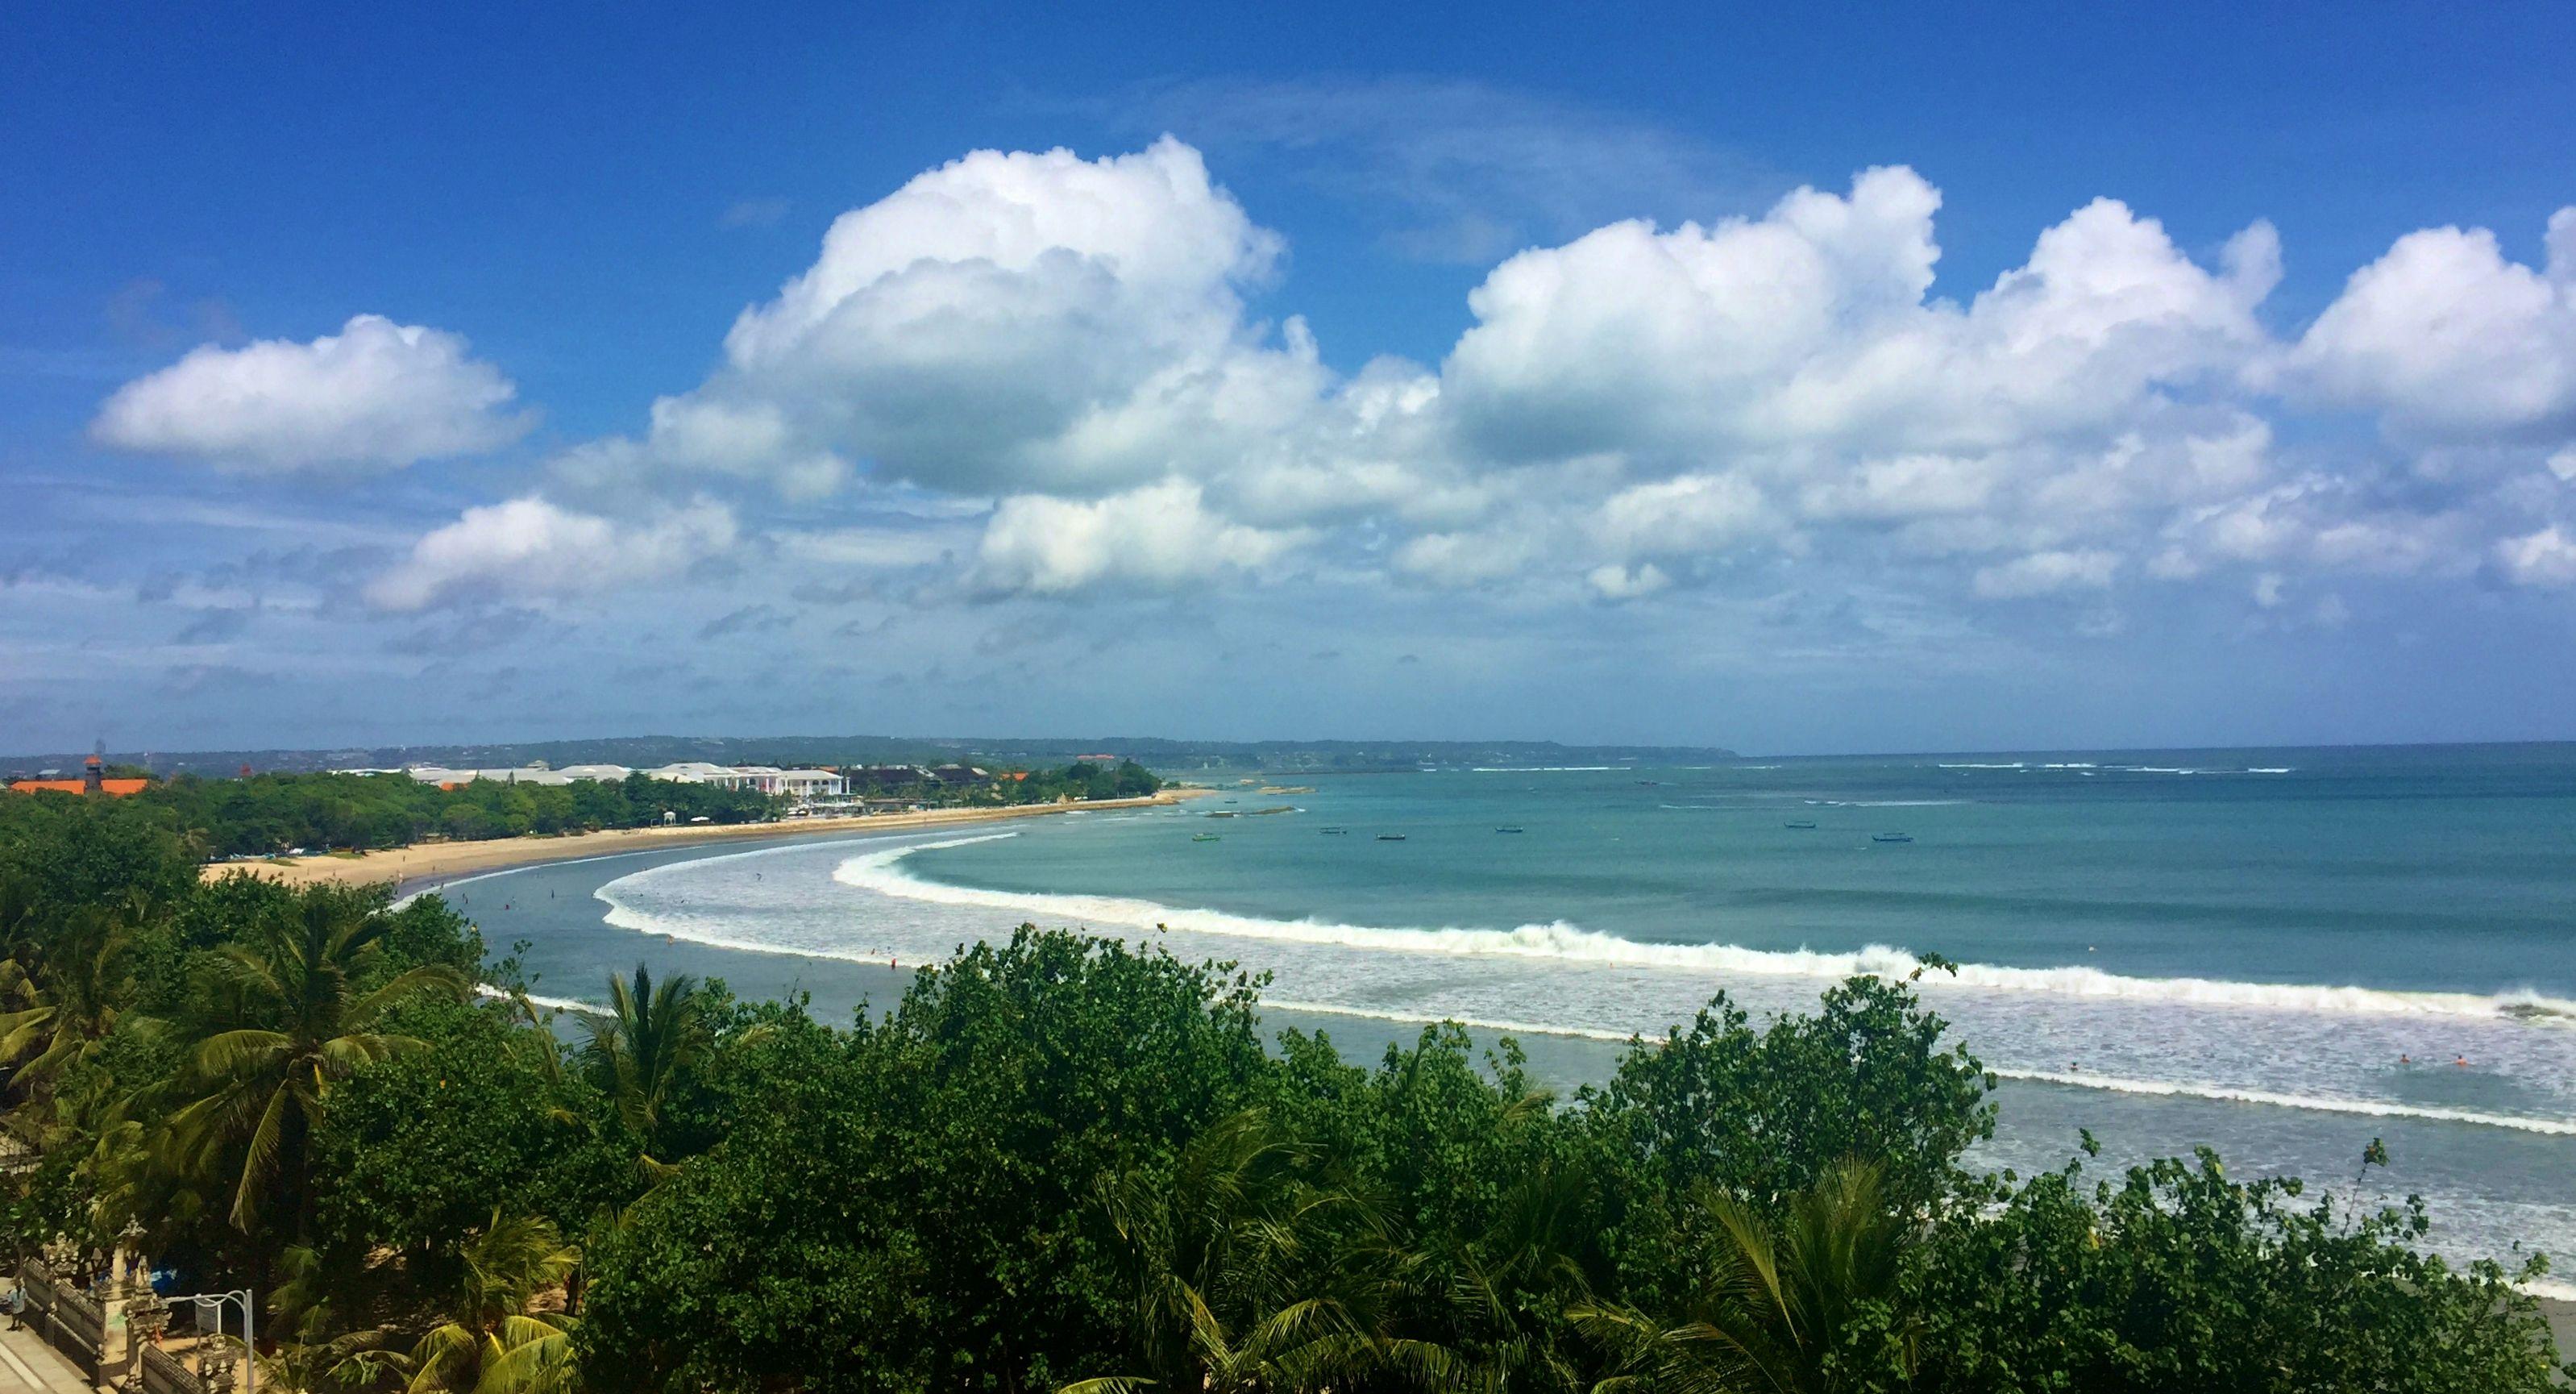 Kuta Beach Bali Indonesia Destination guide for